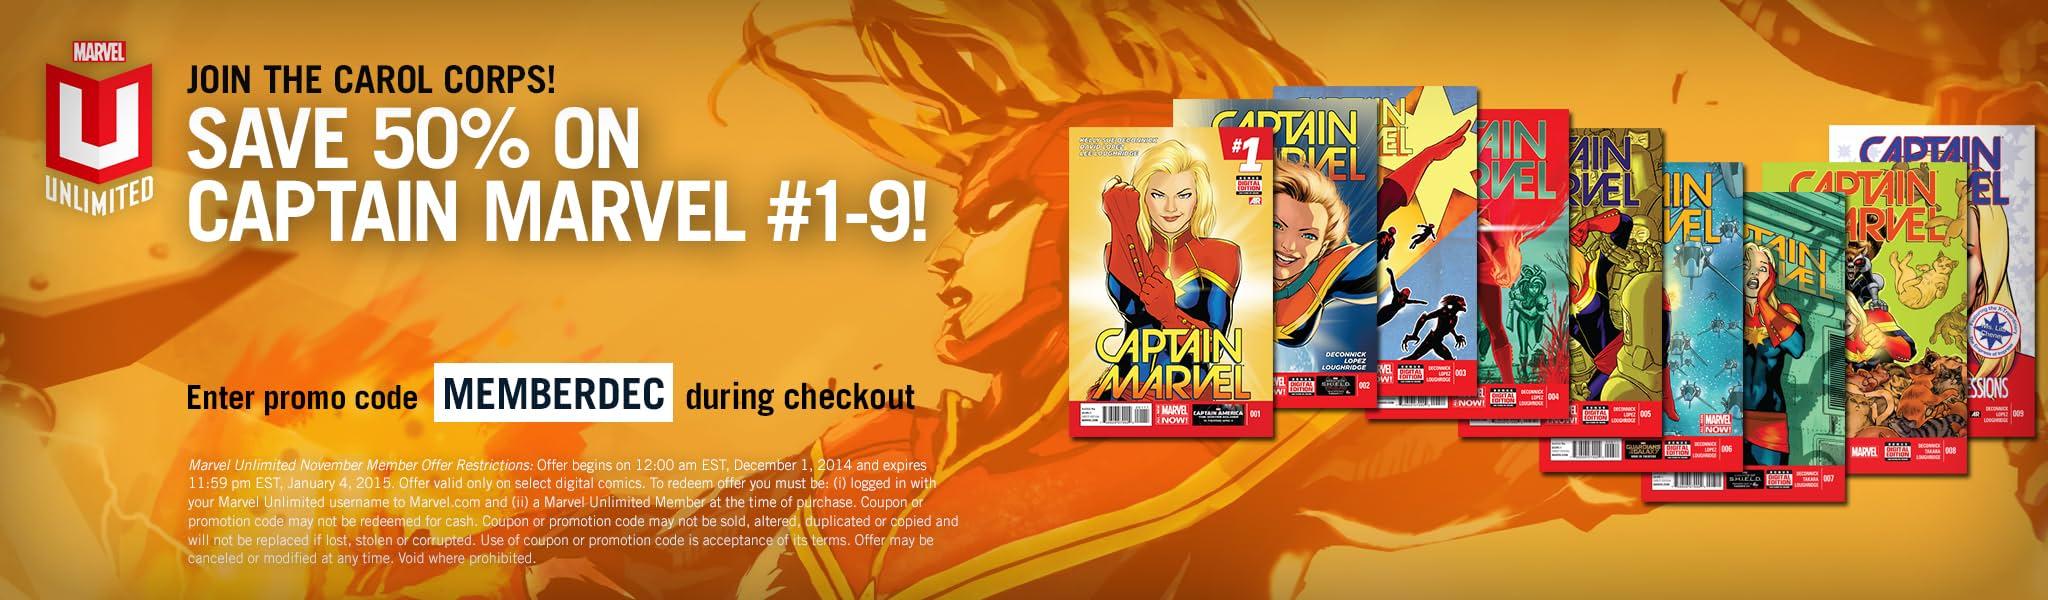 marvel unlimited spotlight offer december 2014 marvel comics